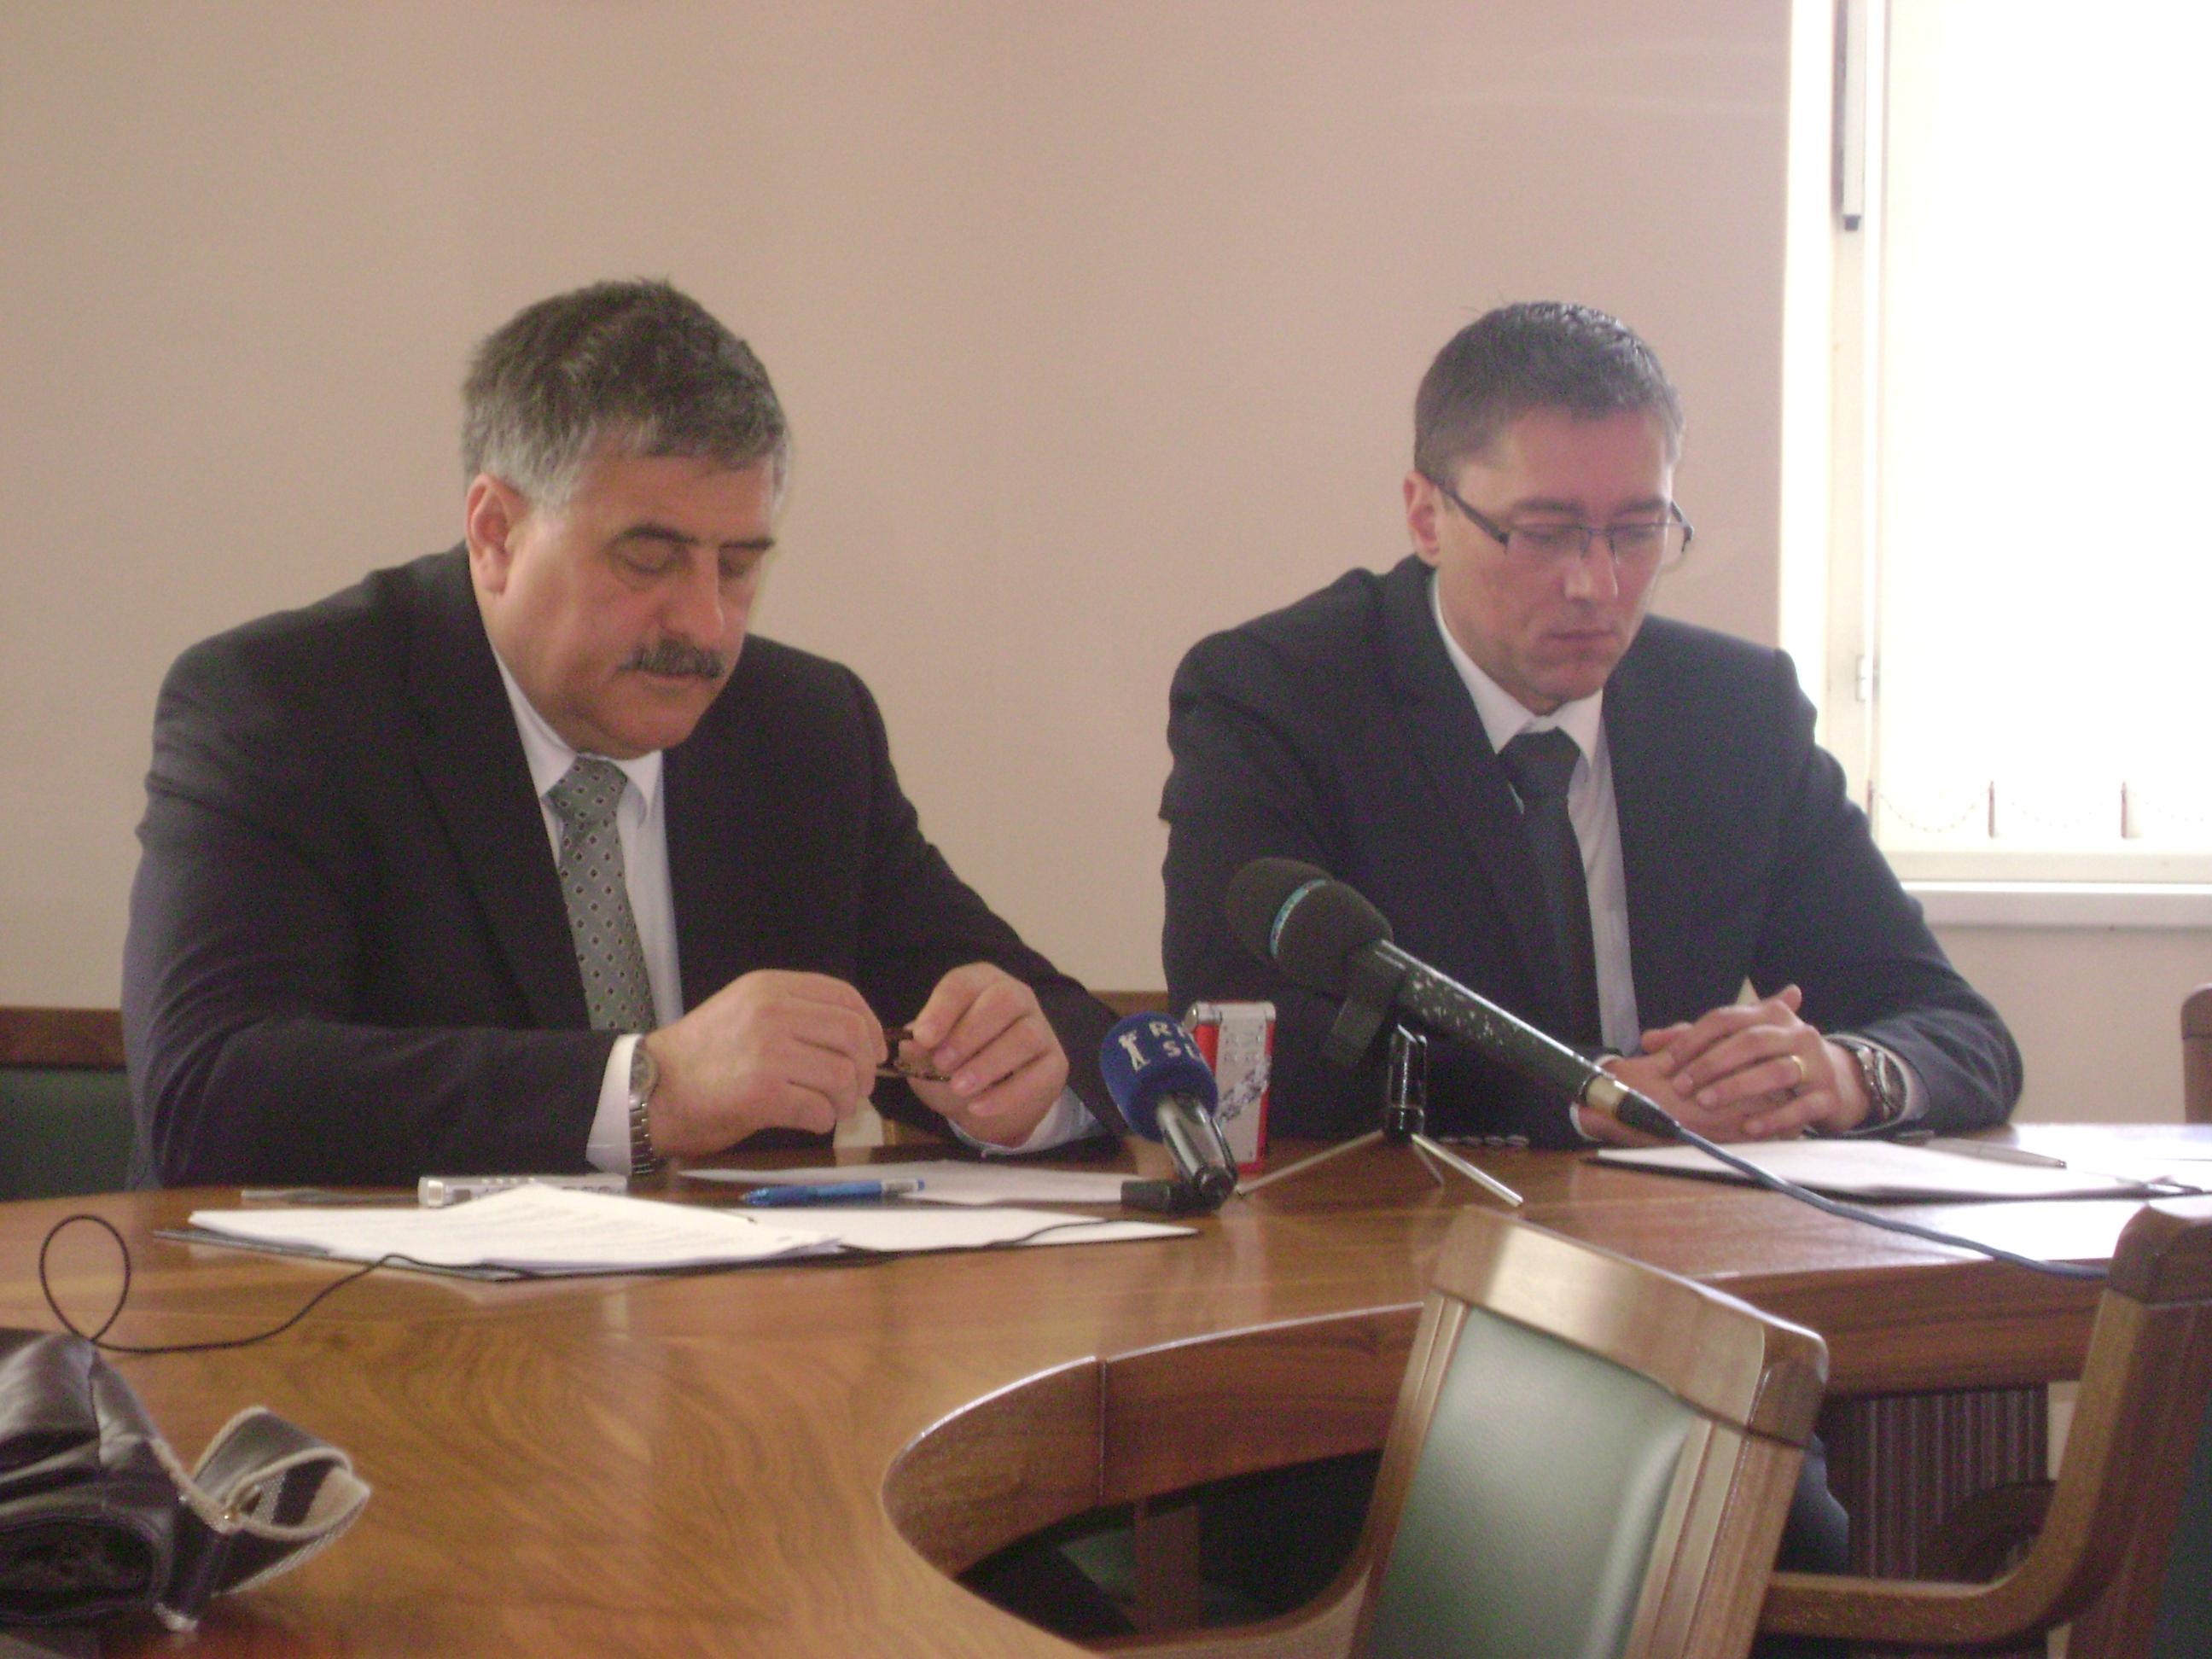 Letos modernizacija šestnajstih odsekov cest in kanalizacija ter čistilna naprava v Miklavžu pri Ormožu